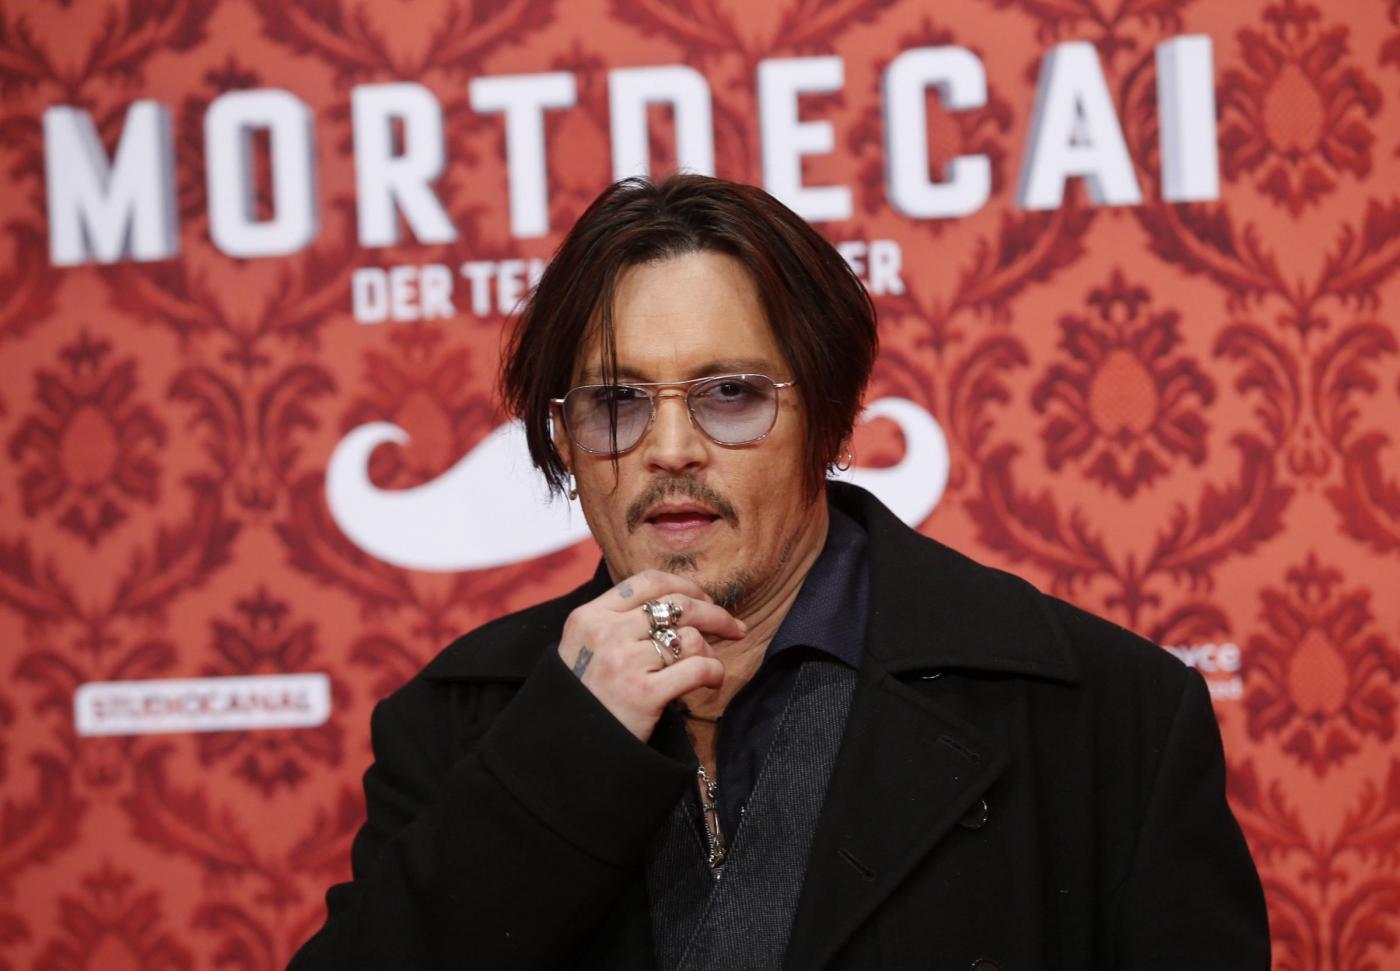 Johnny Depp ingrassato e fuori forma alla premiere di Berlino06